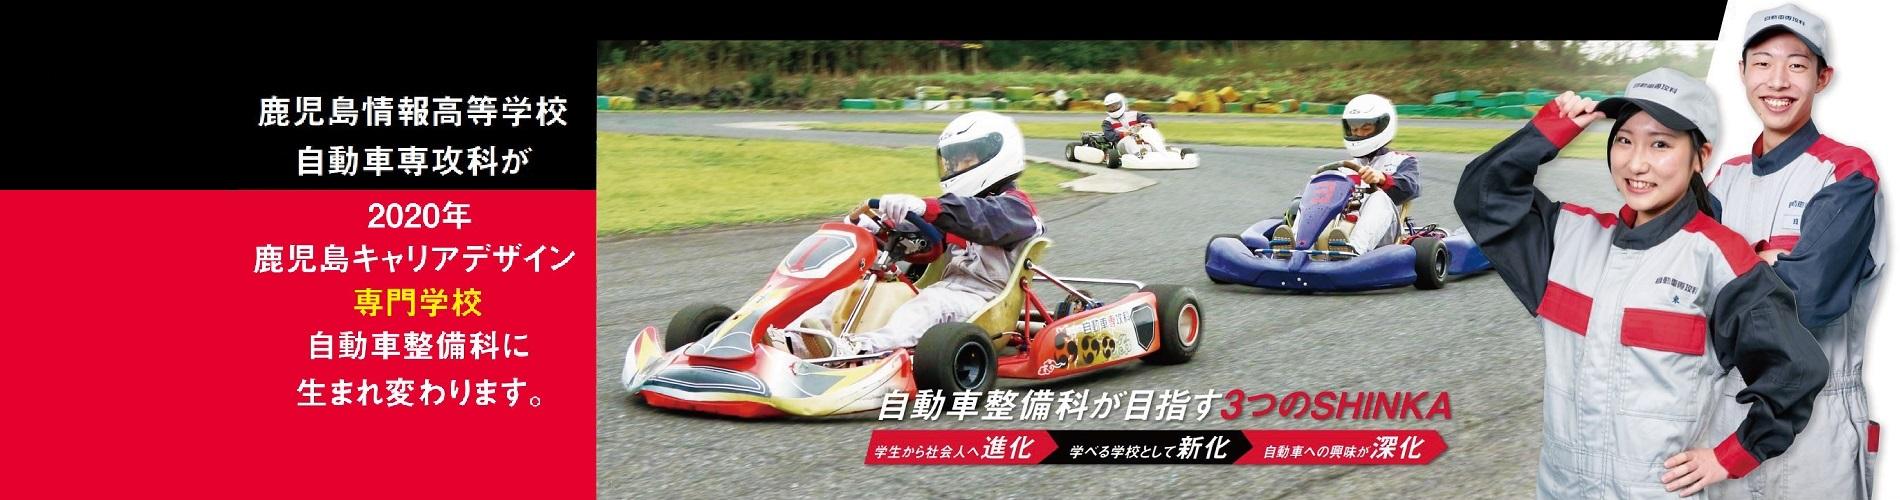 鹿児島情報高等学校自動車専攻科が生まれ変わります!